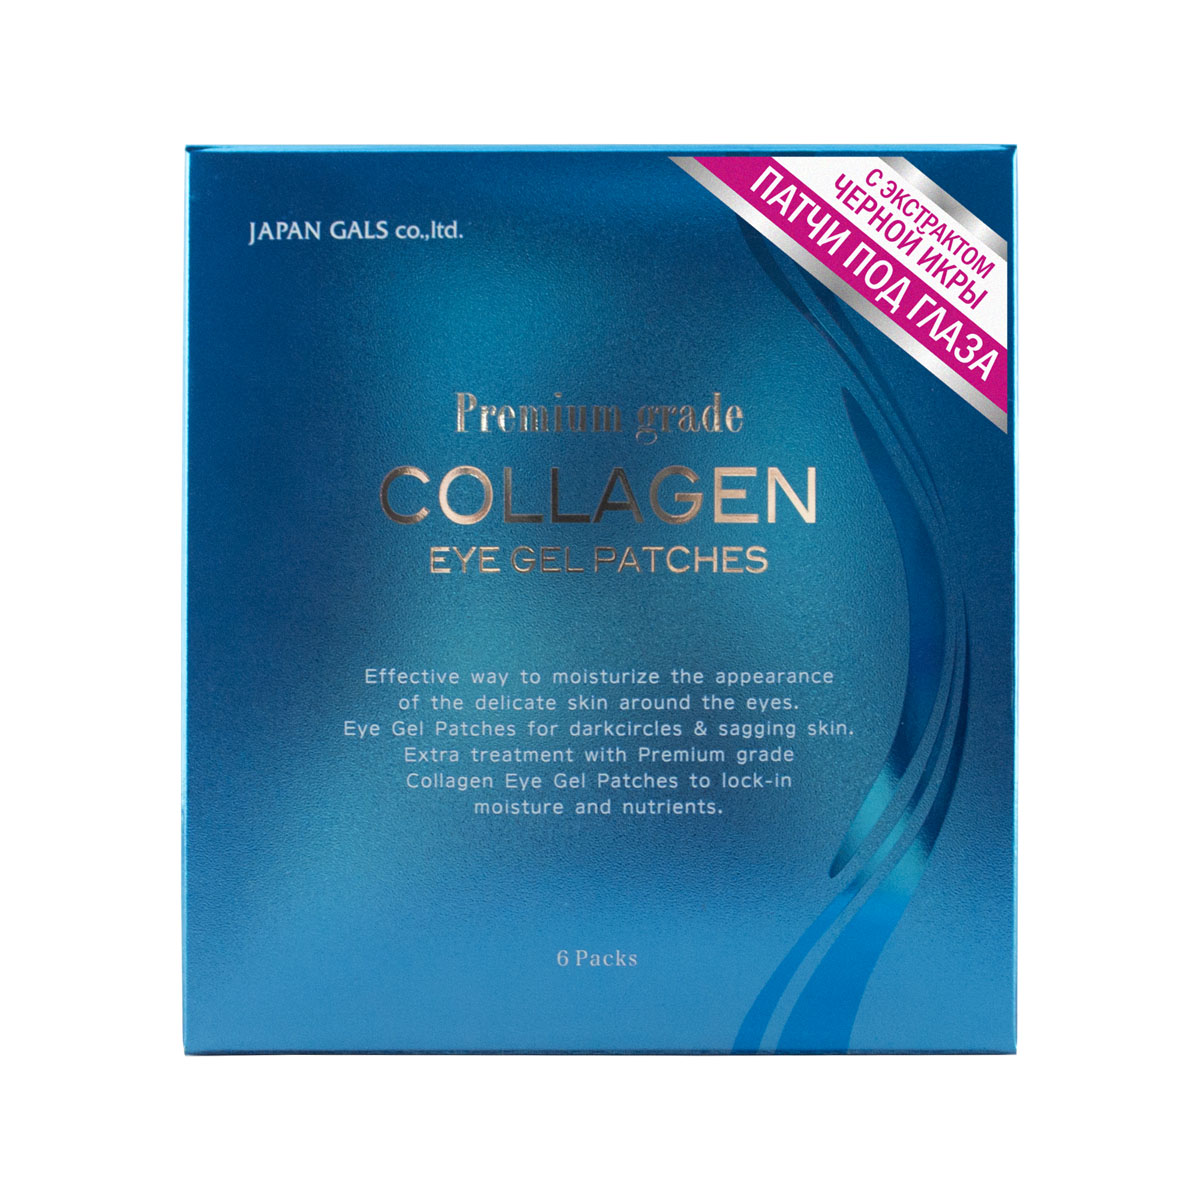 Japan Gals Патчи гидрогелевые 6 штAC-2233_серыйJapan Gals Патчи гидрогелевые в индивидуальных упаковках 6 штГидрогелевые патчи – это эффективное средство для проработки зоны вокруг глаз, которое устраняет темные круги и разглаживает мимические и возрастные морщины, а также увлажняет кожу, наполняя ее питательными веществами. За счет растворения под воздействием температуры тела революционная структура гидрогеля позволяет лучше проникать полезным компонентам в кожу. Активные компоненты: Водорастворимый коллаген в составе значительно усиливает регенерацию клеток кожи. Обладает высокой проникающей способностью и придает коже необыкновенную эластичность и бархатистость. Экстракт черной икры оказывает превосходный лифтинг эффект, насыщая клетки кожи витаминами и минералами. Экстракт розмарина стимулирует кровообращение и разглаживает кожный рельеф.Экстракт алоэ-вера отвечает за увлажнение и питание, восстановление и защиту, очищение и нормализацию обменных процессов.Способ применения: 1. Очистите лицо, промокните полотенцем.2. Аккуратно извлеките гидрогелевые патчи из пластиковой упаковки. 3. Приложите патчи на зону вокруг глаз (как показано на картинке справа).4. Оставьте патчи на 15 минут.Меры предосторожности: прекратить применение при выраженной несовместимости с кожей. Не рекомендуется подвергать кожу воздействию прямых солнечных лучей во время применения и сразу после него. При попадании средства в глаза немедленно промыть водой. Доставайте патчи из упаковки чистыми руками. Используйте только один раз. Способ хранения: хранить в недоступном для детей месте. Избегать попадания прямых солнечных лучей на открытую упаковку. Состав: вода, глицерин, 1.3-BG, каррагинан, камедь рожкового дерева, ксантовая камедь, сукцинил ателоколлаген, водорастворимый коллаген, гиалуронат натрия, водорастворимые протеогликаны, трифторпропан ацетил трипептид-2, экстракт черной икры, гидролизованная икра, экстракт хмеля, экстракт шишек европейской сосны, плоды лимона, экстракт листьев розма